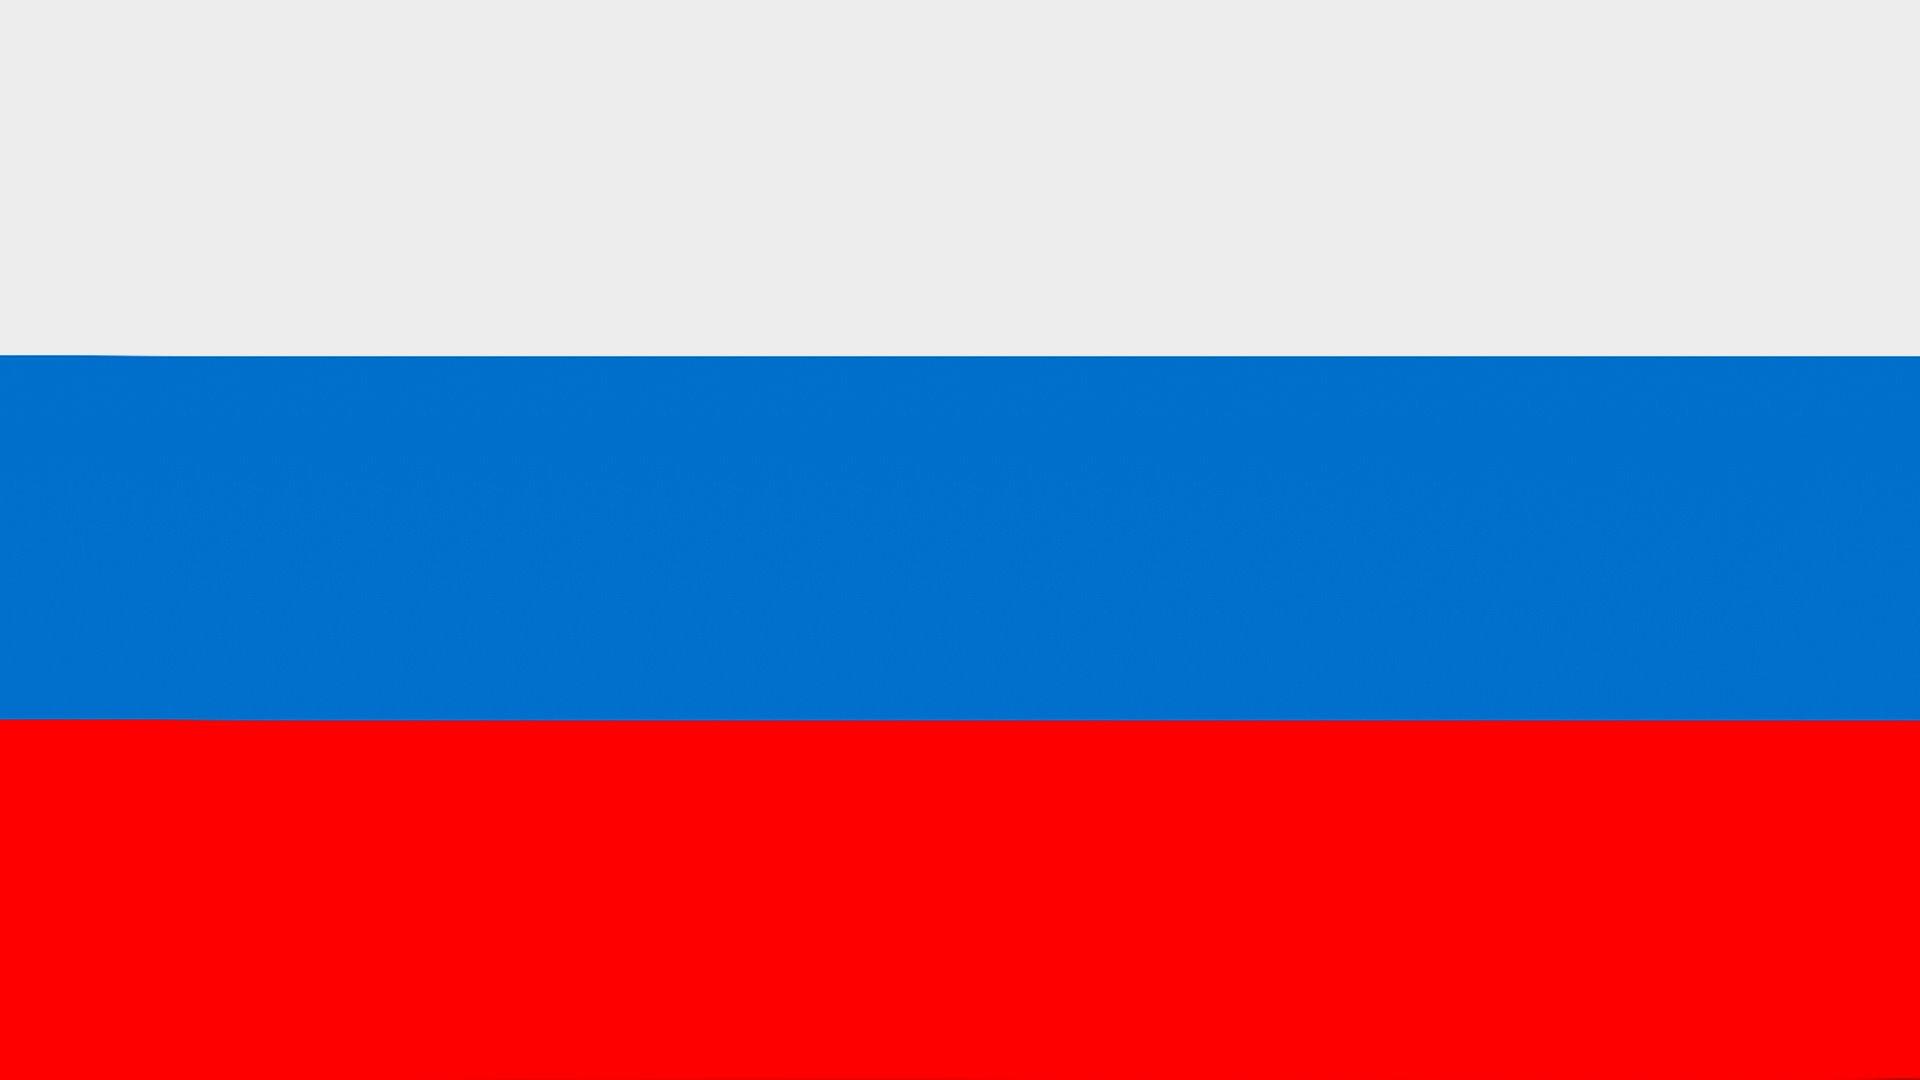 ¿Hacia dónde va Rusia?